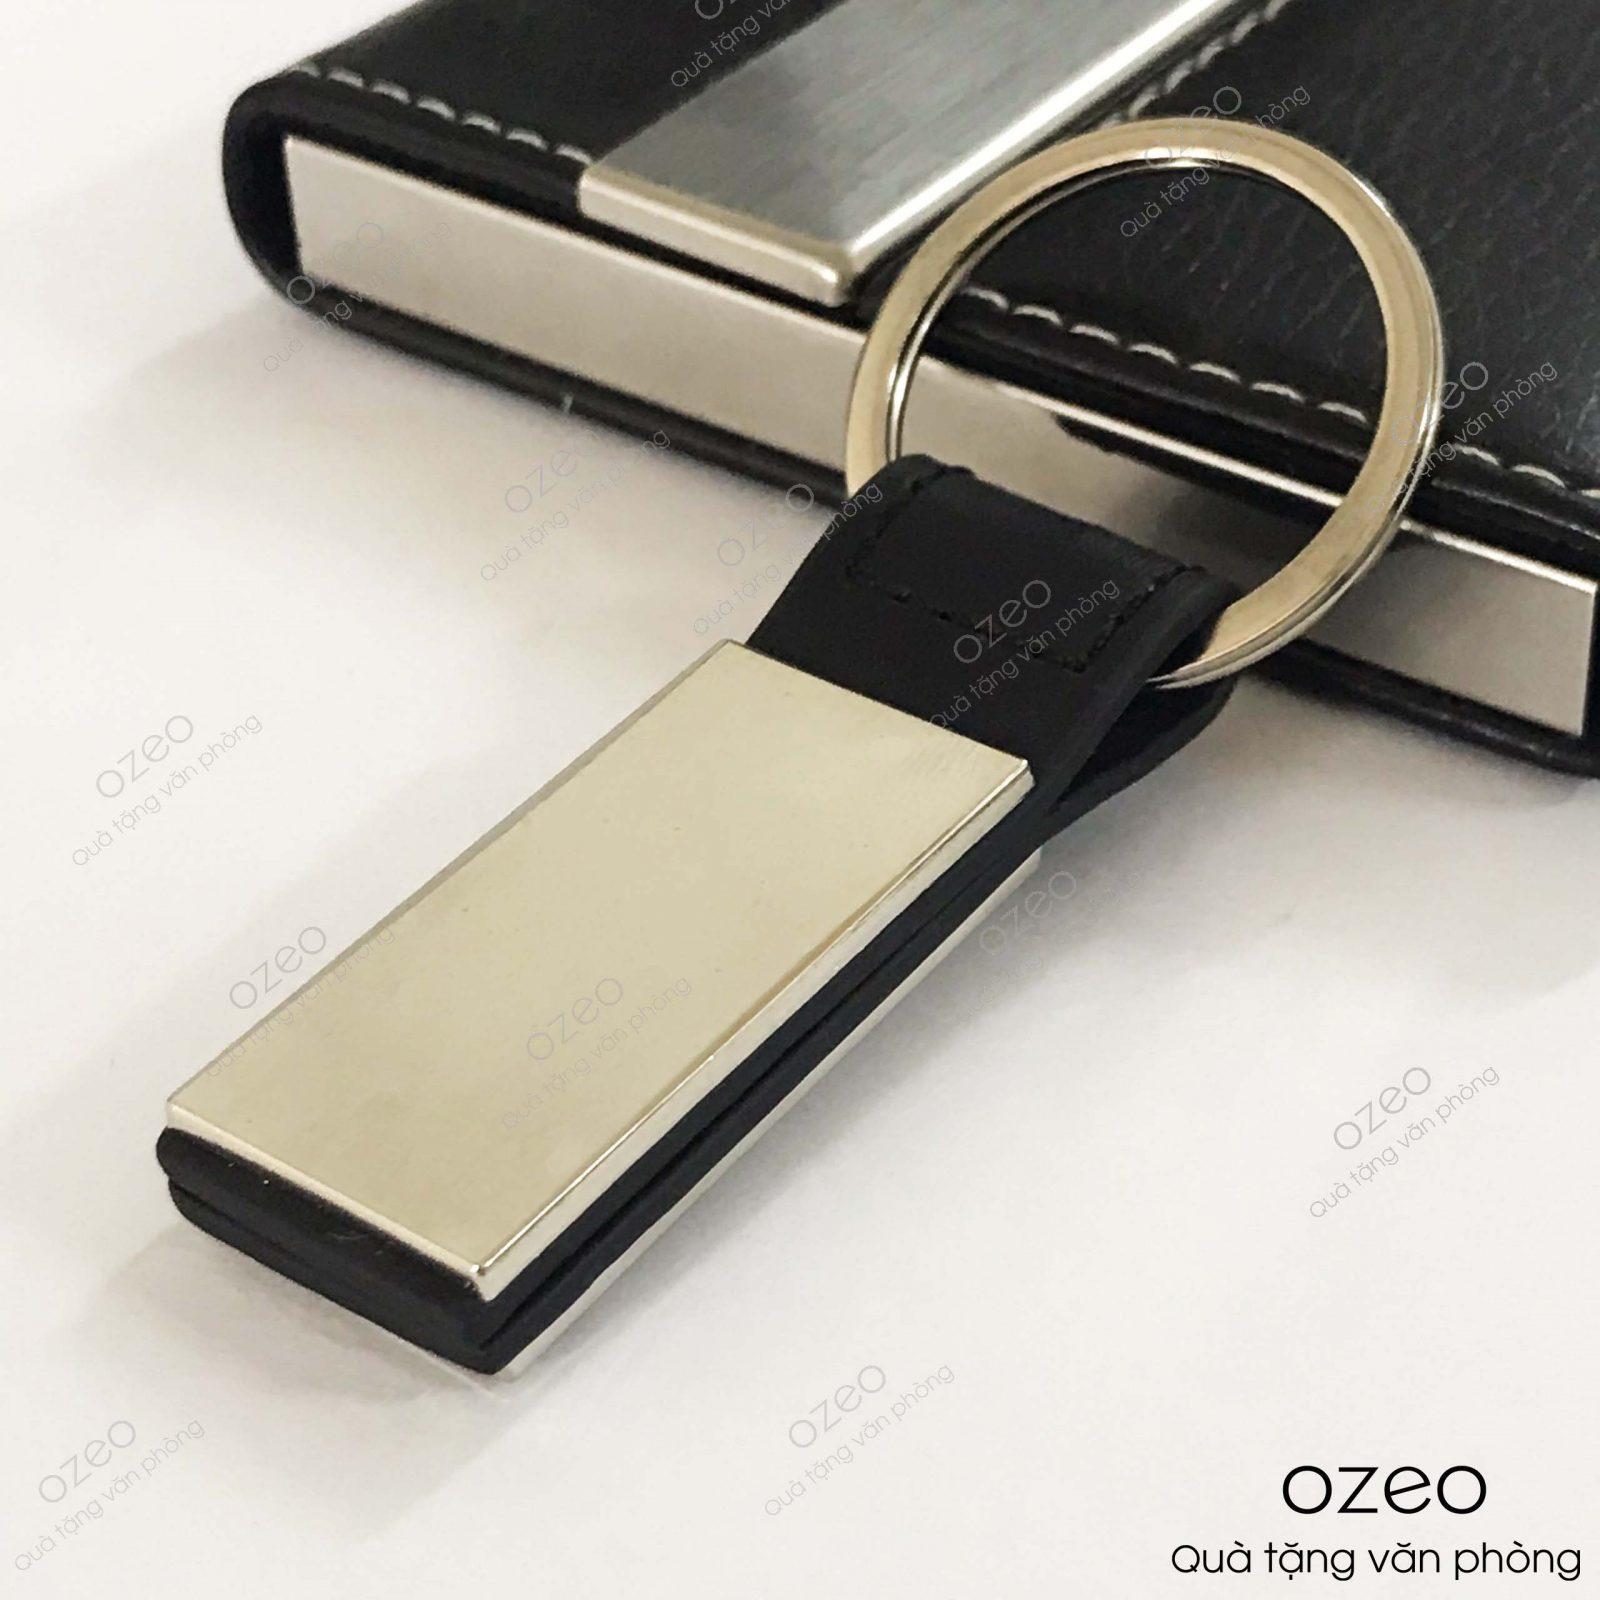 Mặt trước của móc khóa kim loại dây da MK005.